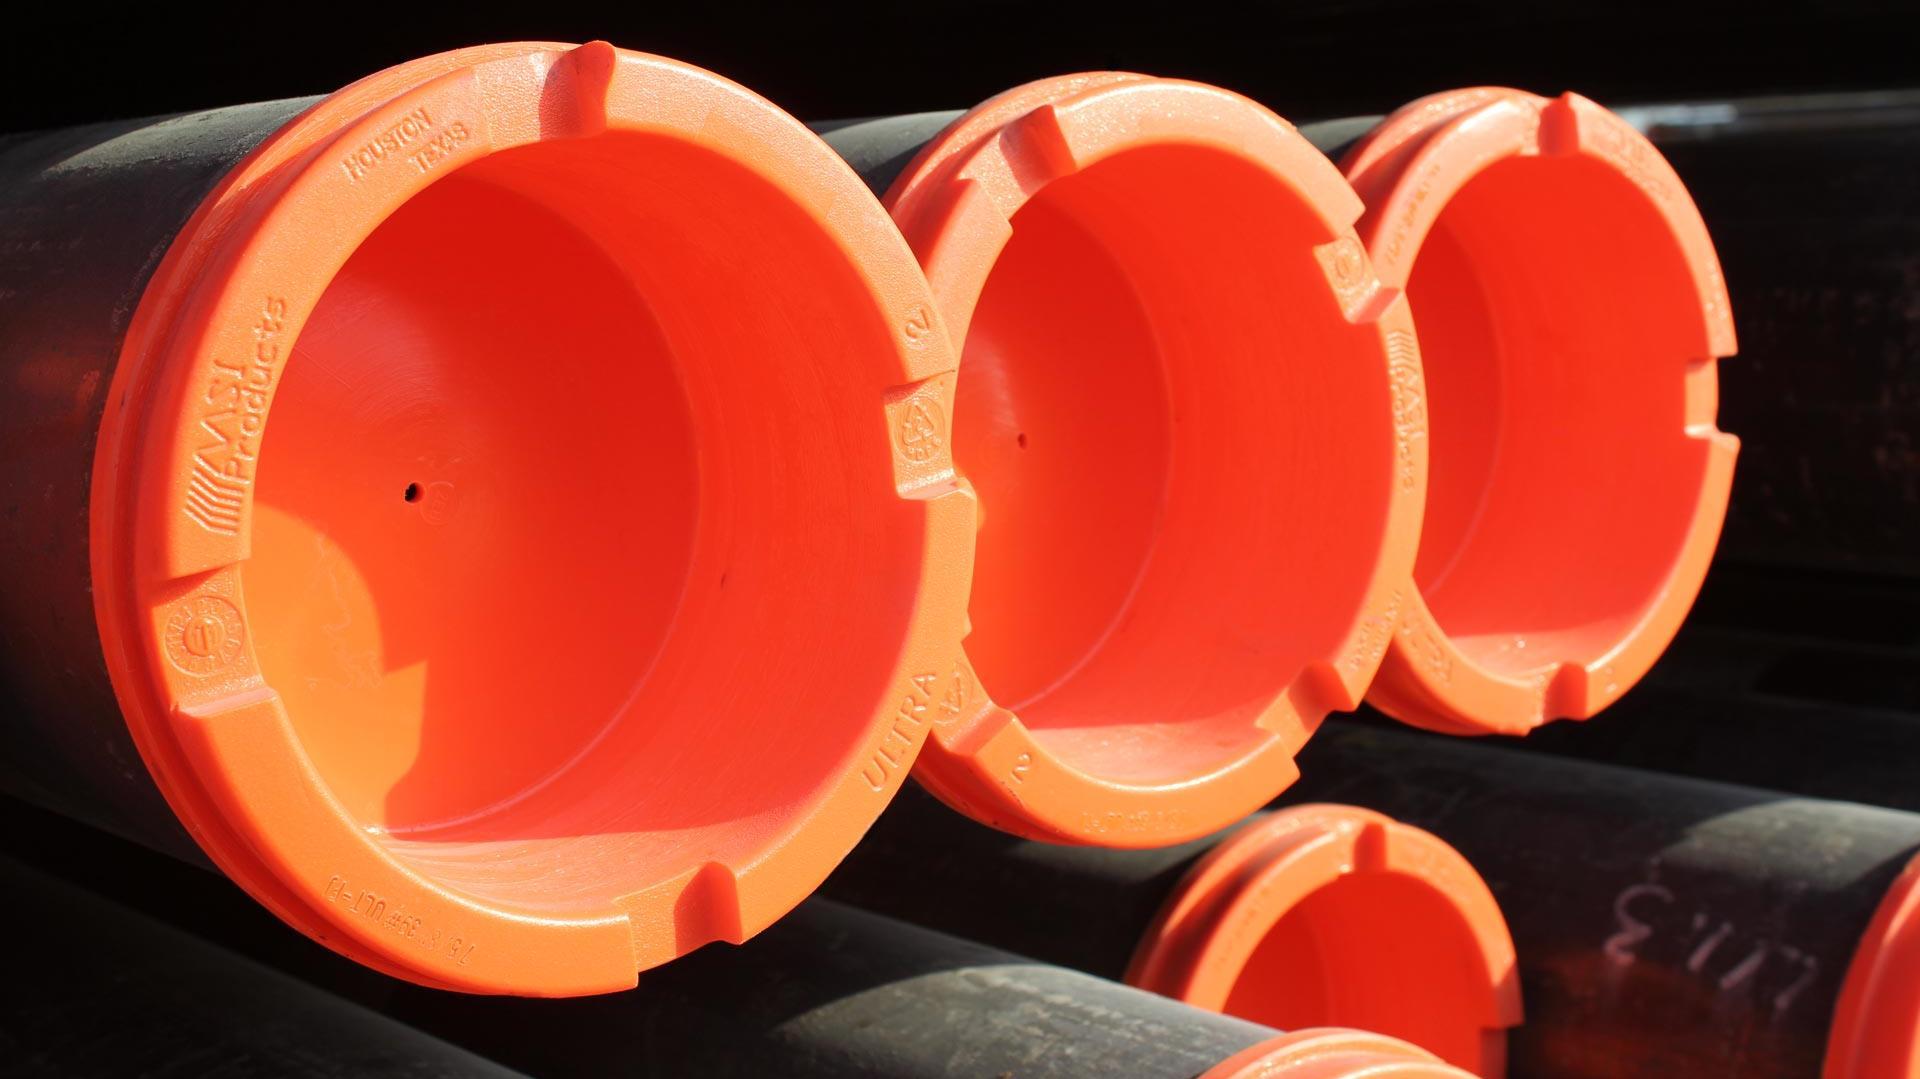 Orange Ultra Premium Thread Protectors